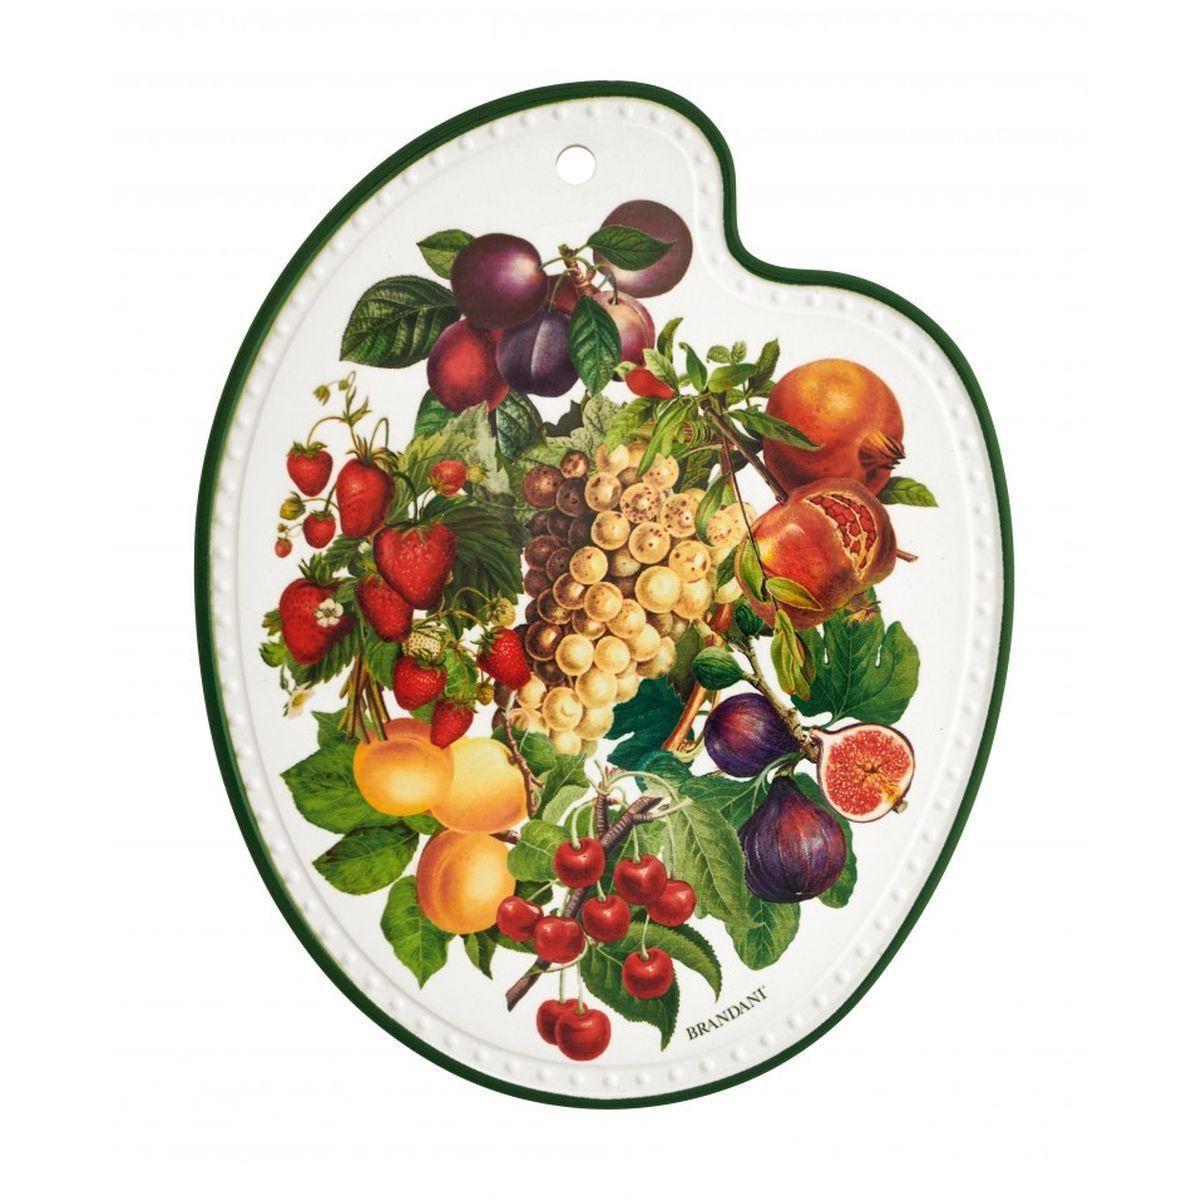 Декоративное настенное блюдо в форме палитры Le Primizie